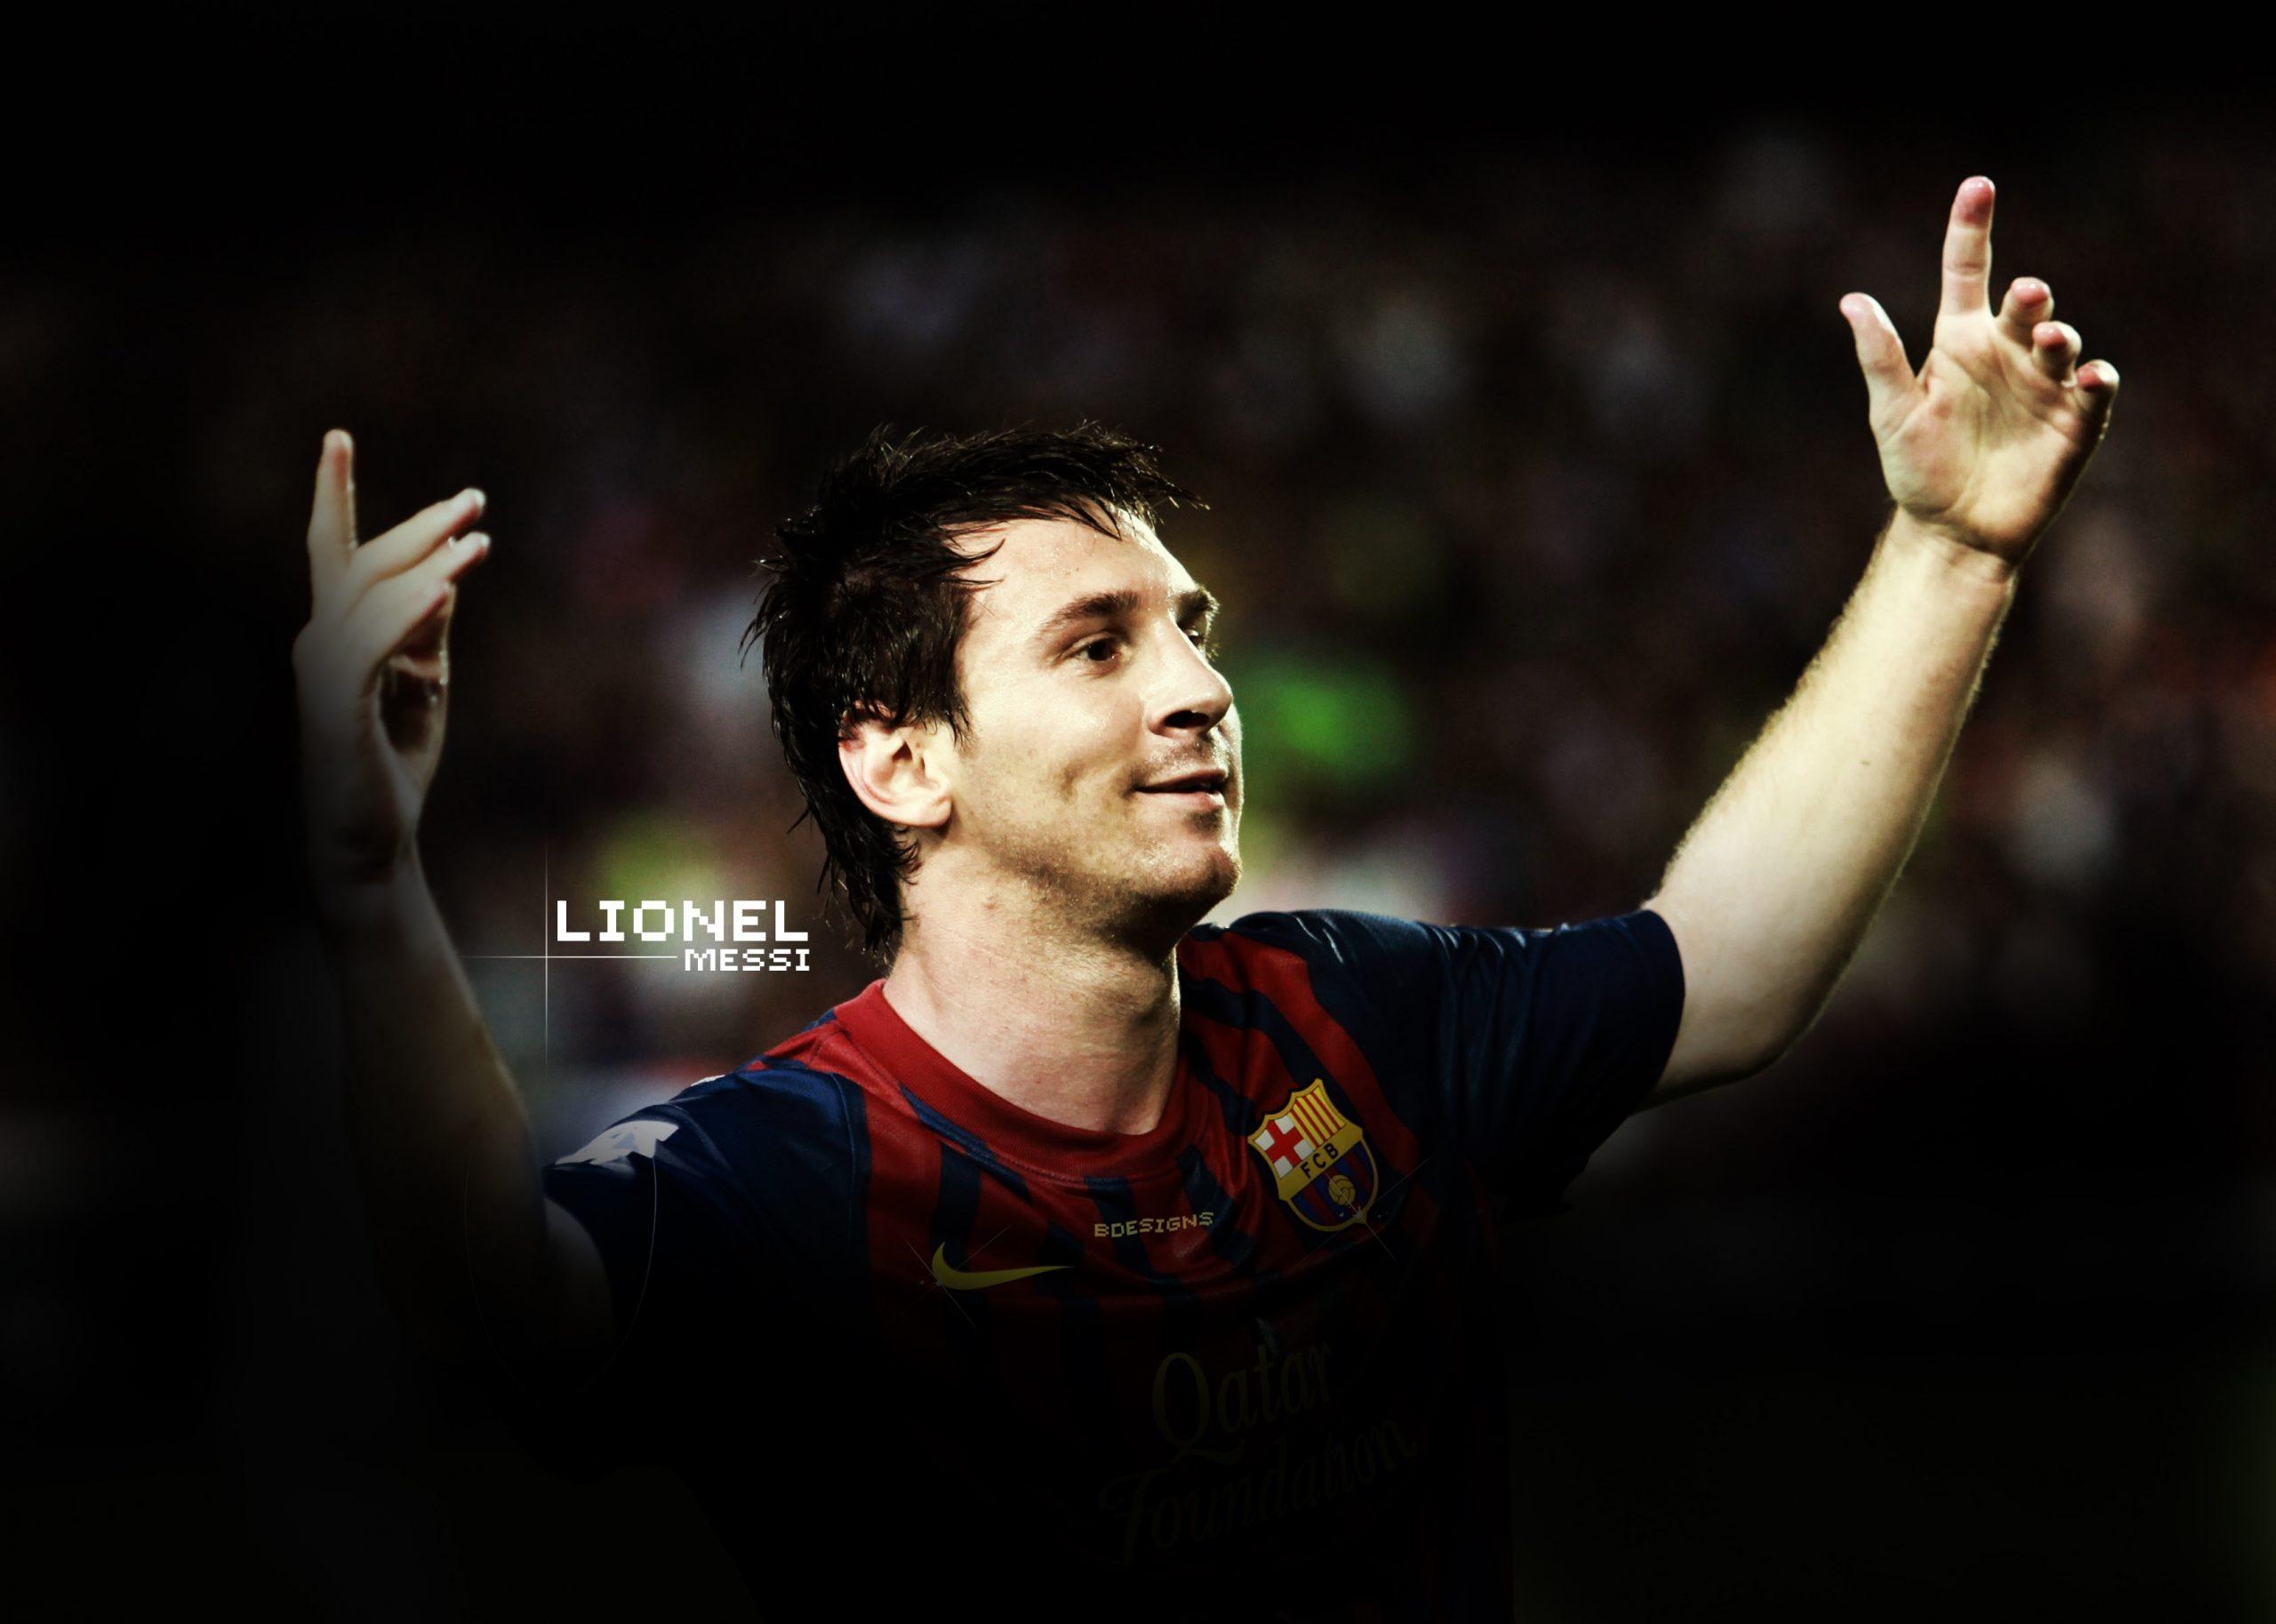 Lionel Messi Background